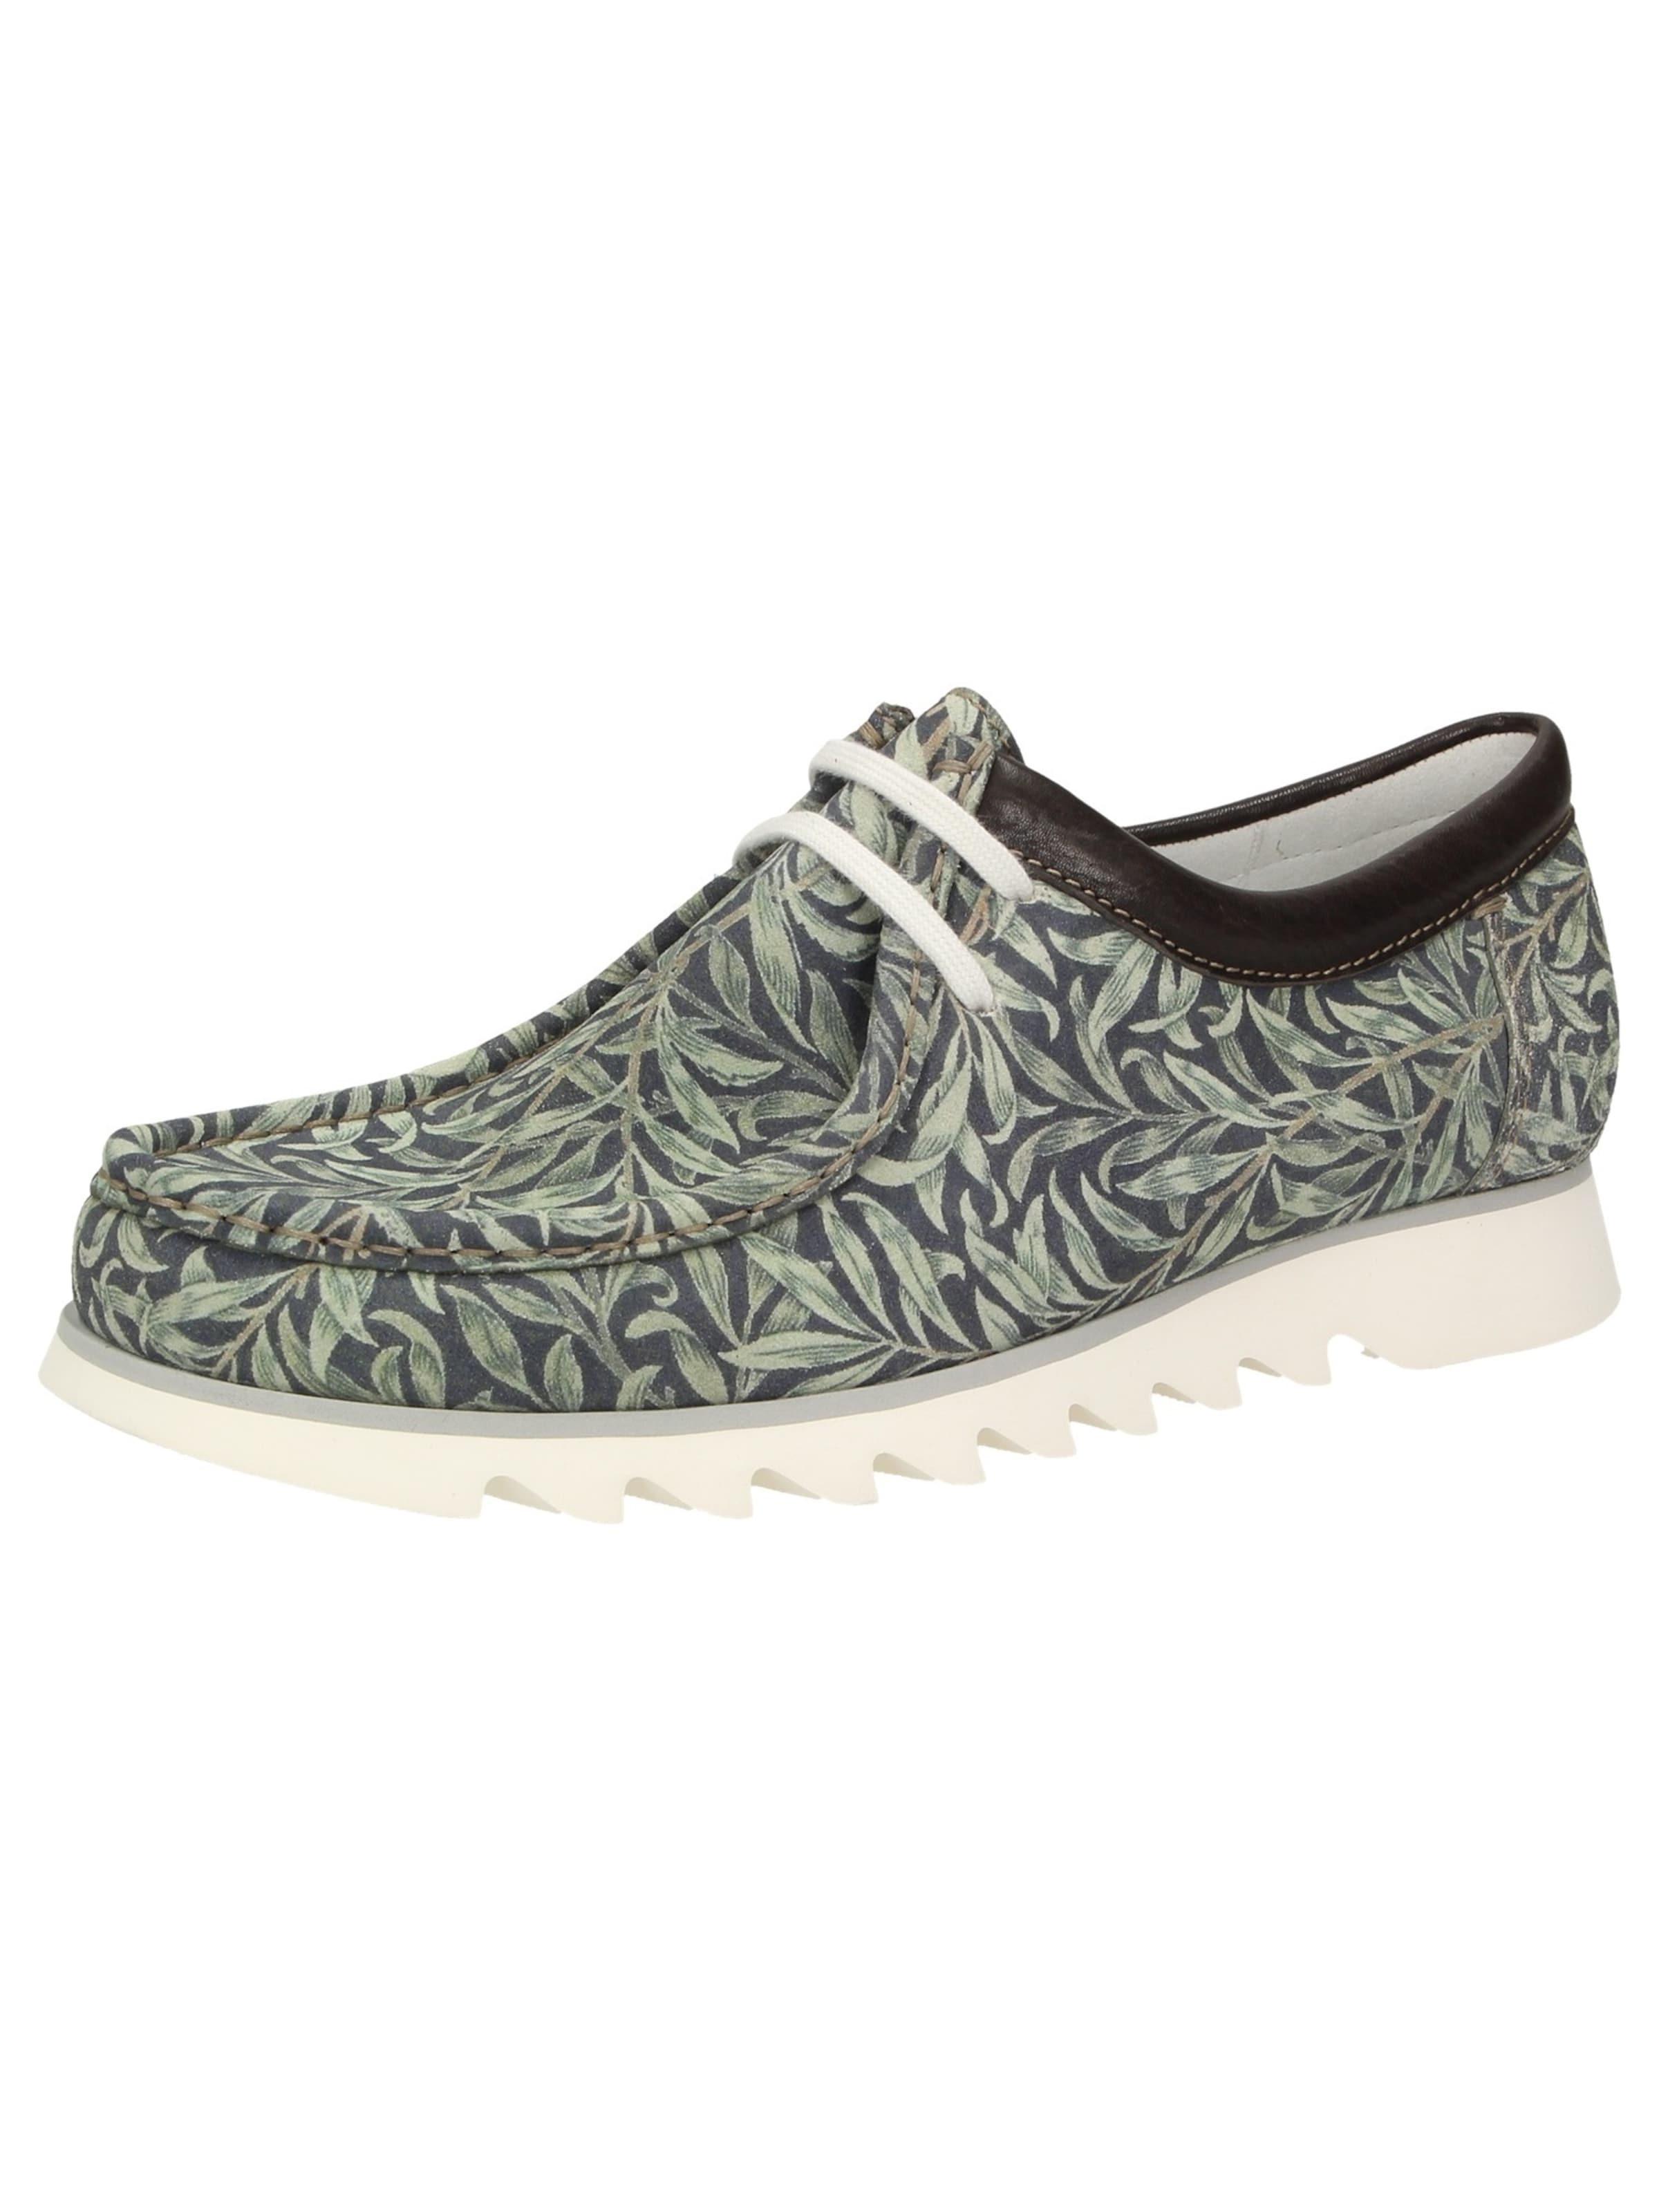 SIOUX Mokassin Grash.-H172-21 Verschleißfeste billige Schuhe